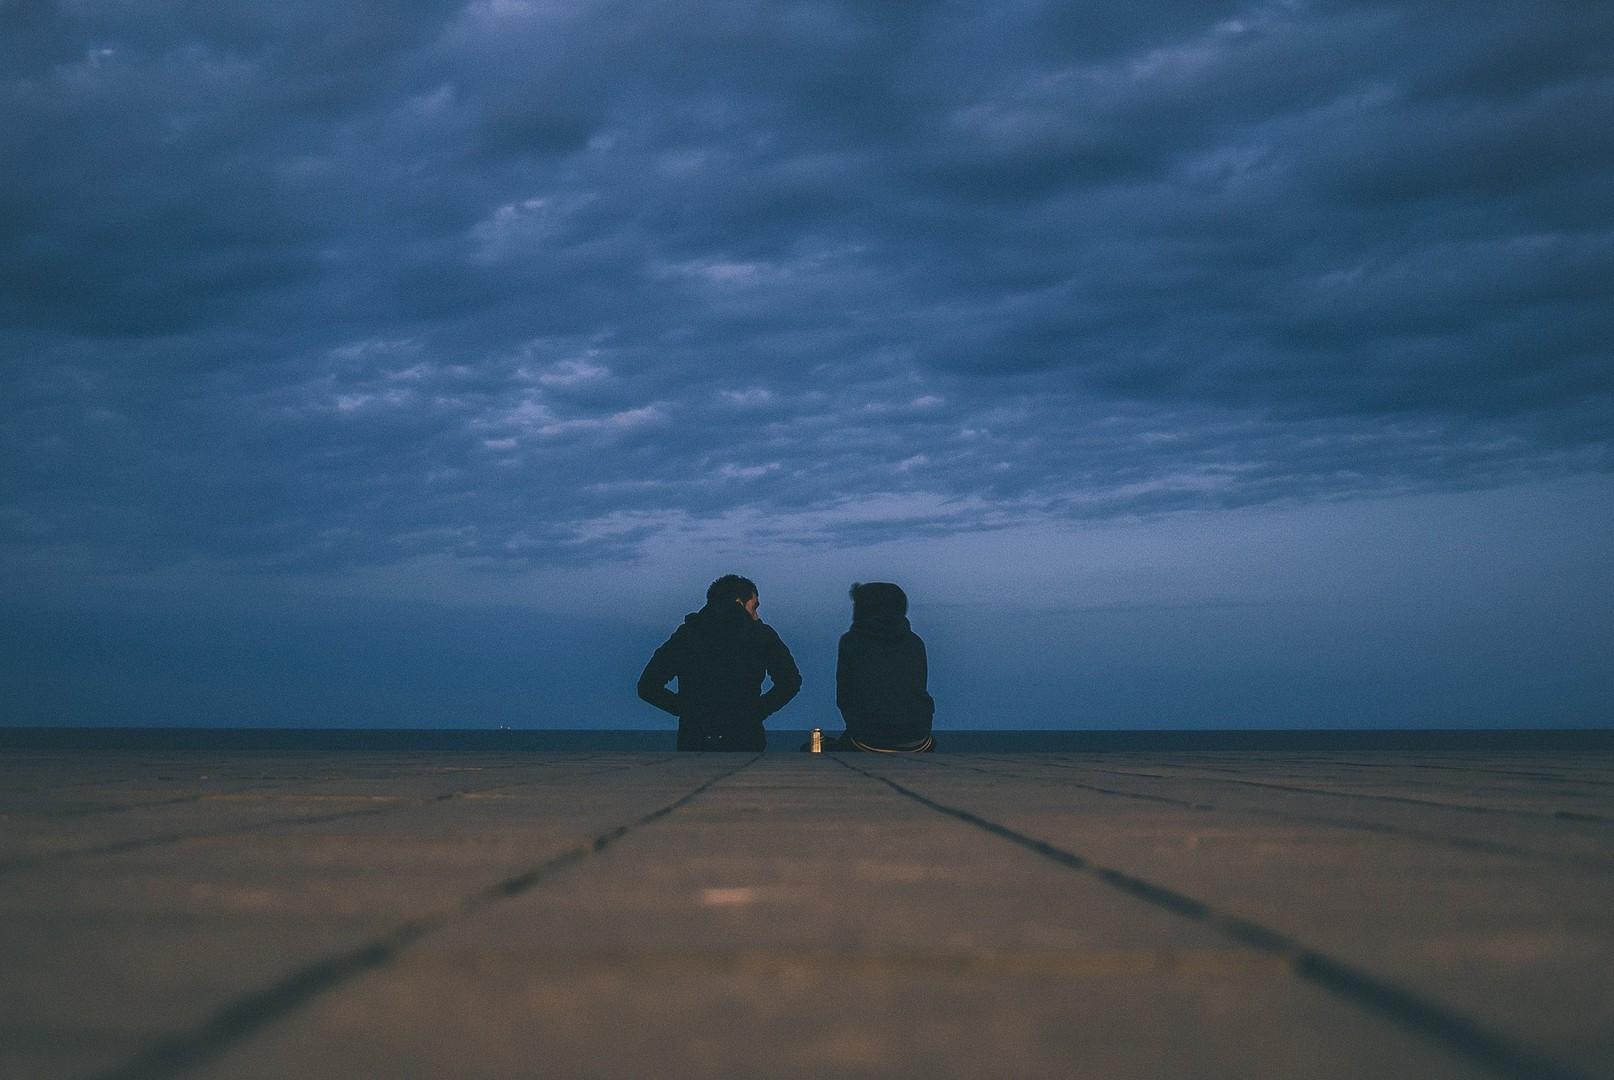 Кризис трех лет отношений: 4 способа избежать его